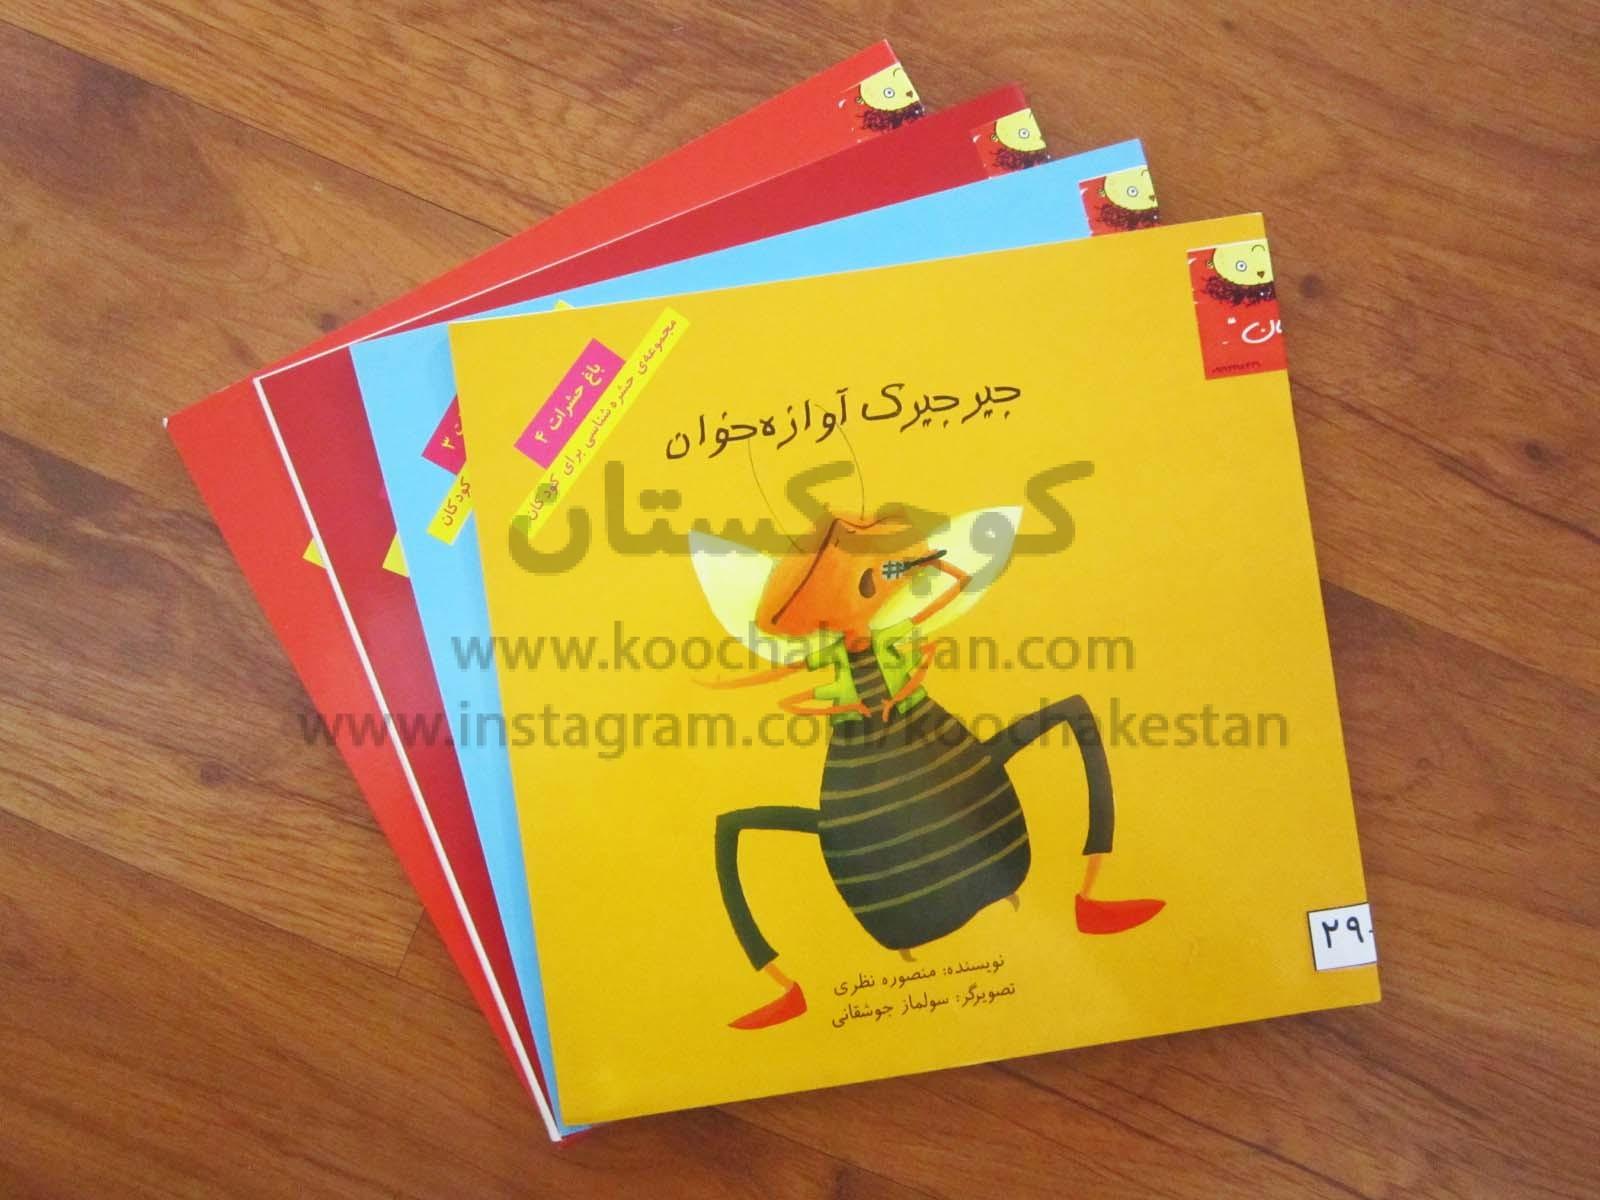 جیرجیرک آوازه خوان - کتابخانه کودک